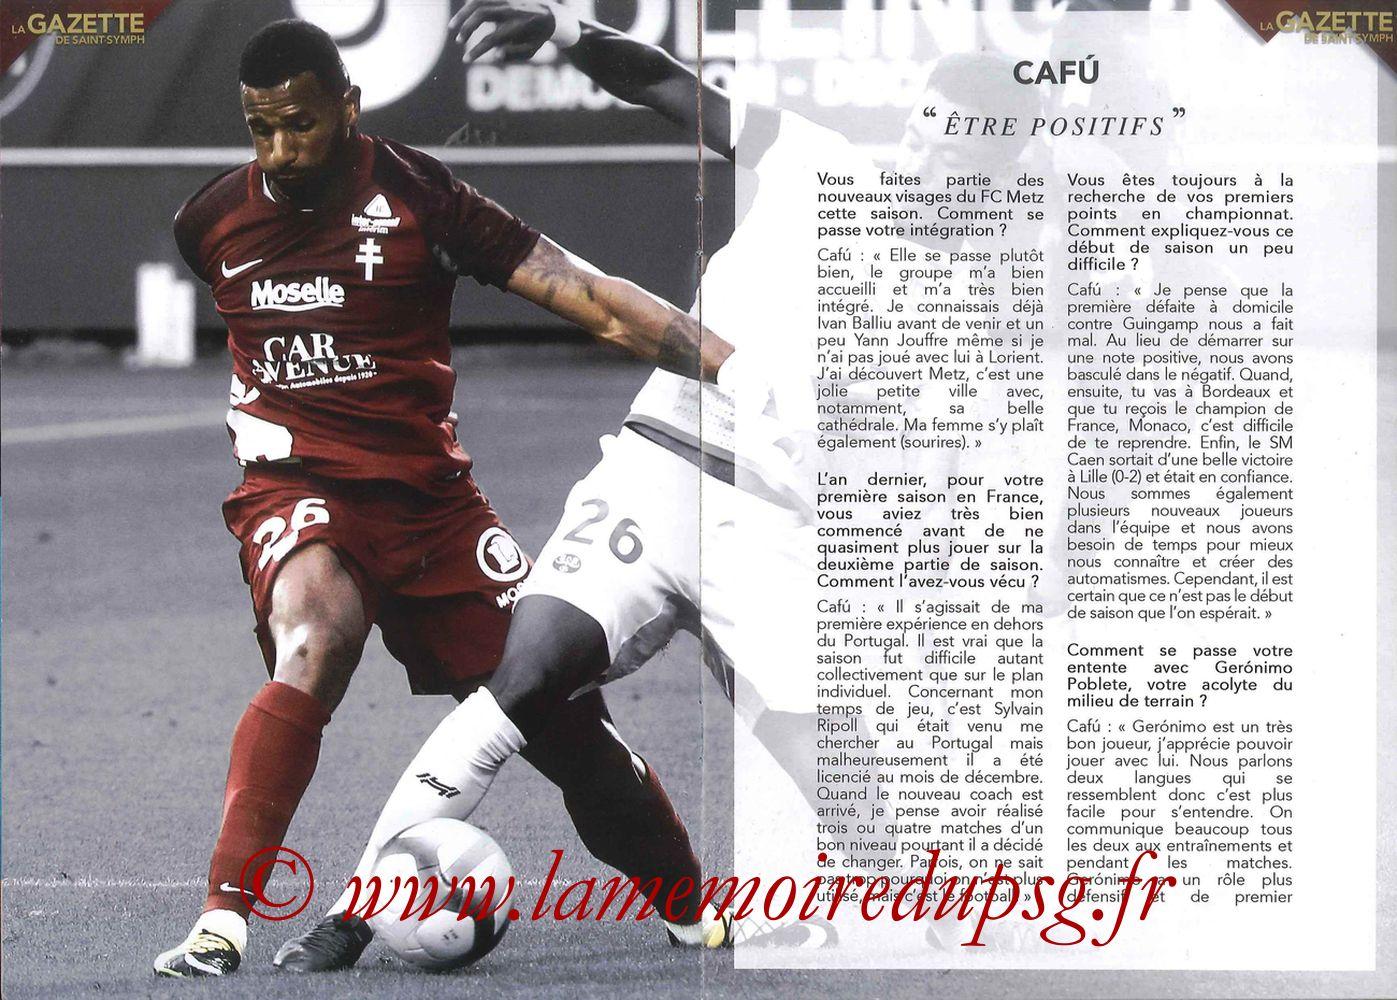 2017-09-08  Metz-PSG ((5ème L1, La Gazette de Saint-Symph) - Pages 06 et 07